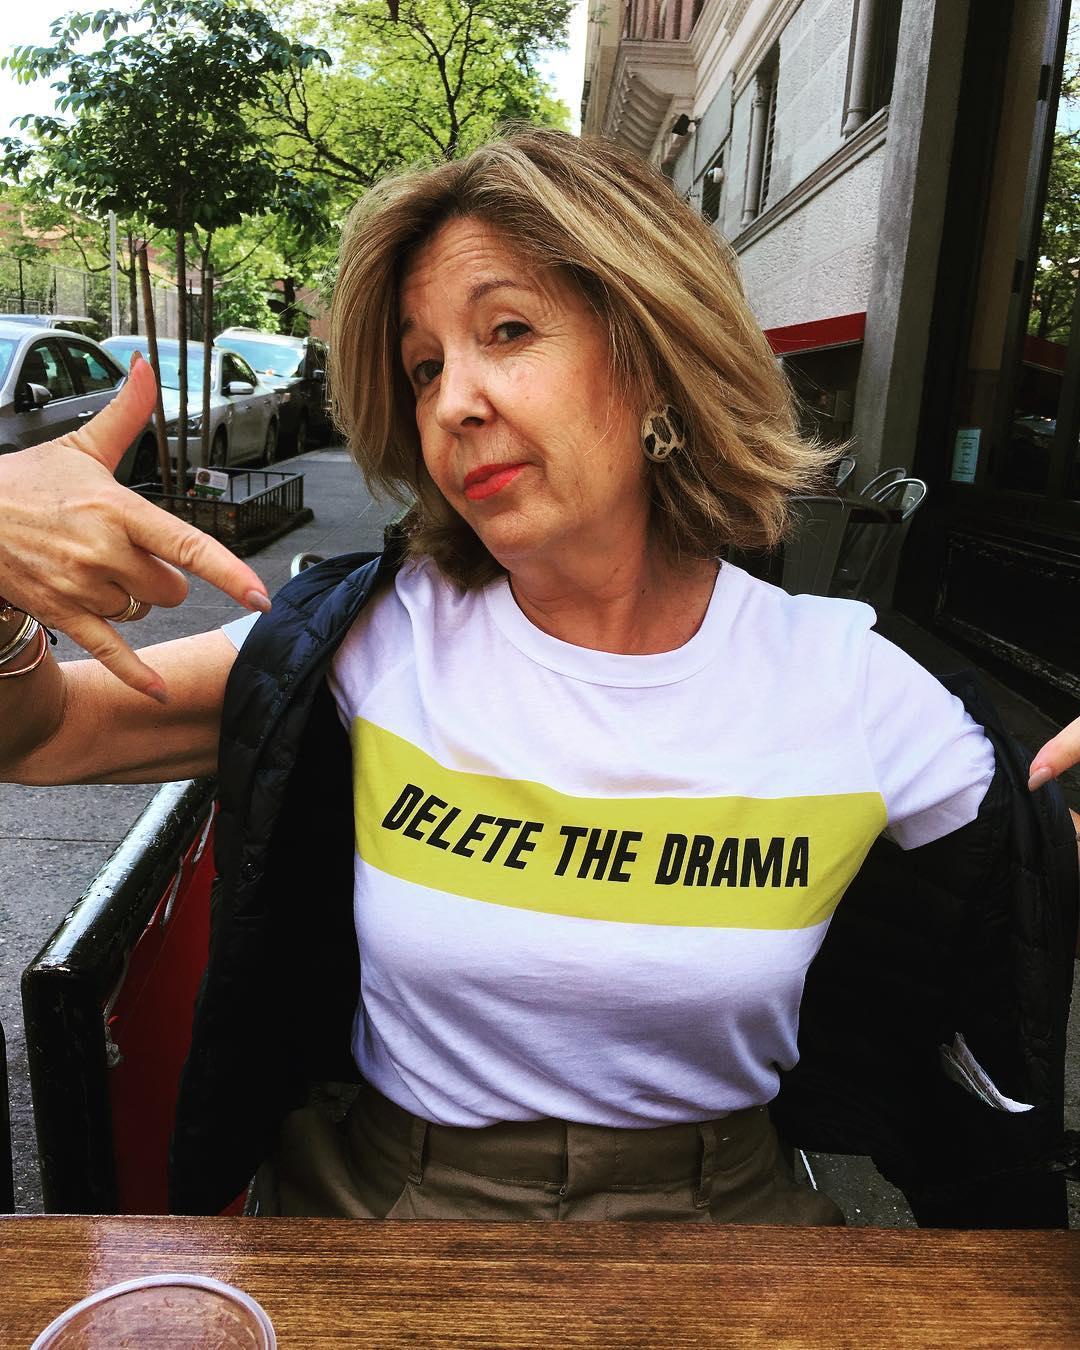 La camiseta blanca viral de Zara con mensaje  Delete The Drama ... 9ab06da41da76